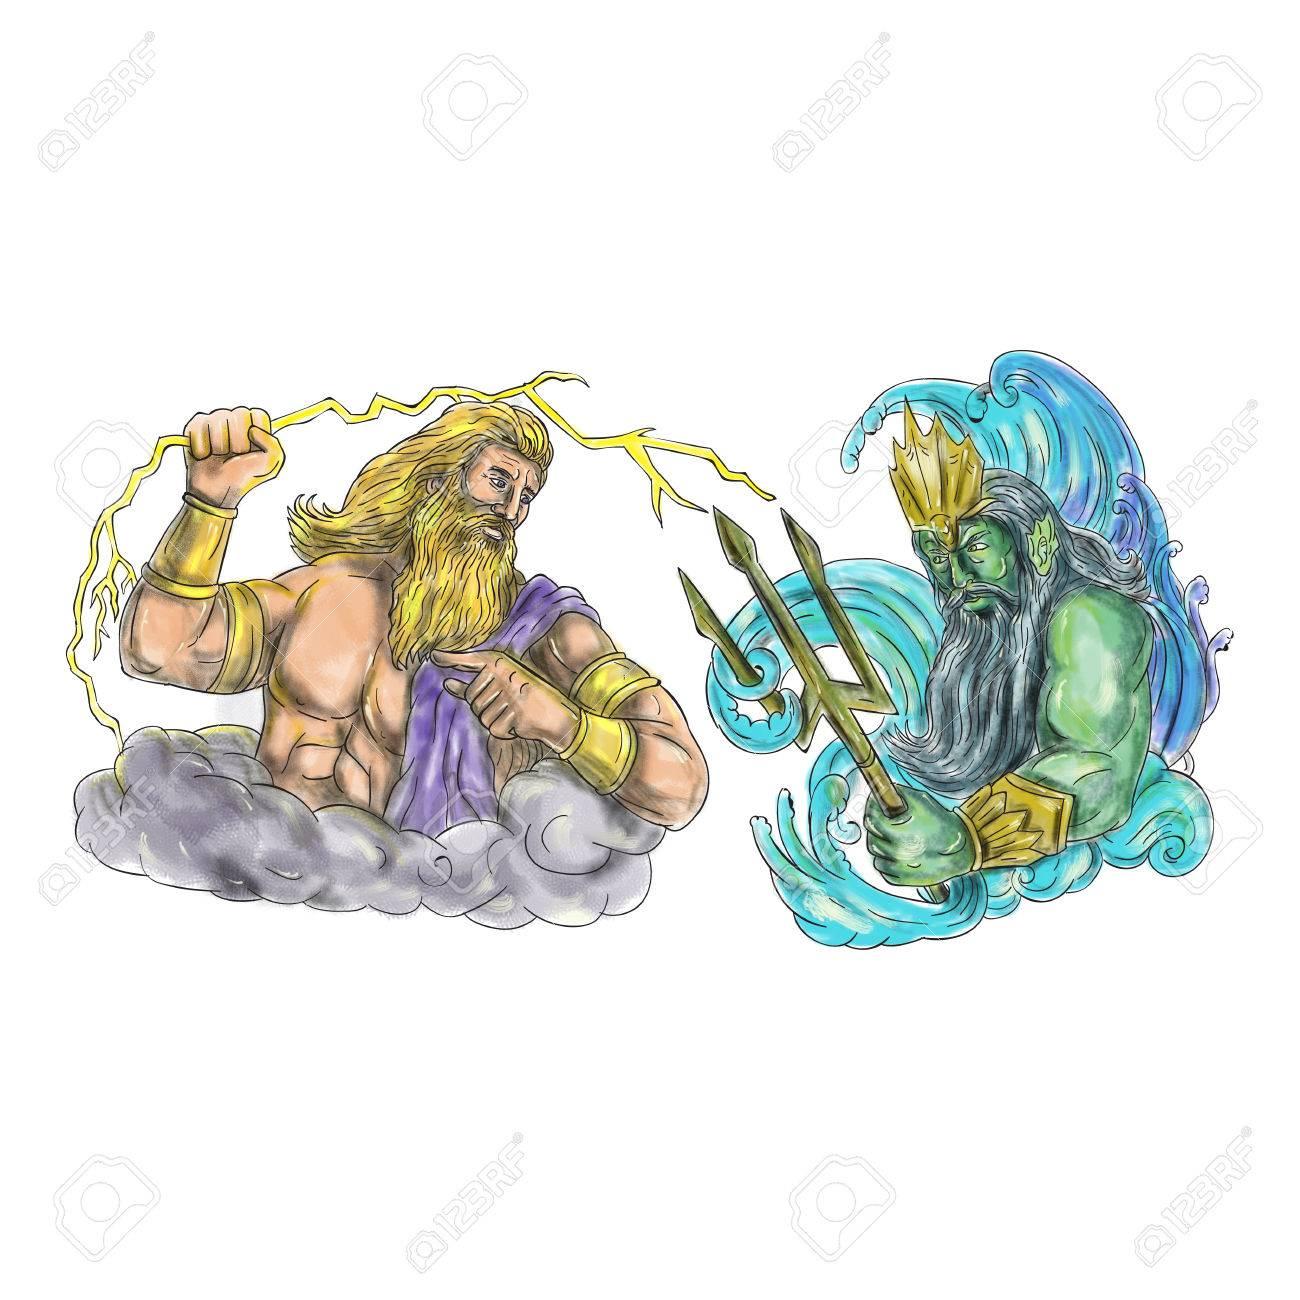 L Illustration Du Style De Tatouage De Zeus Le Dieu Grec Du Ciel Et